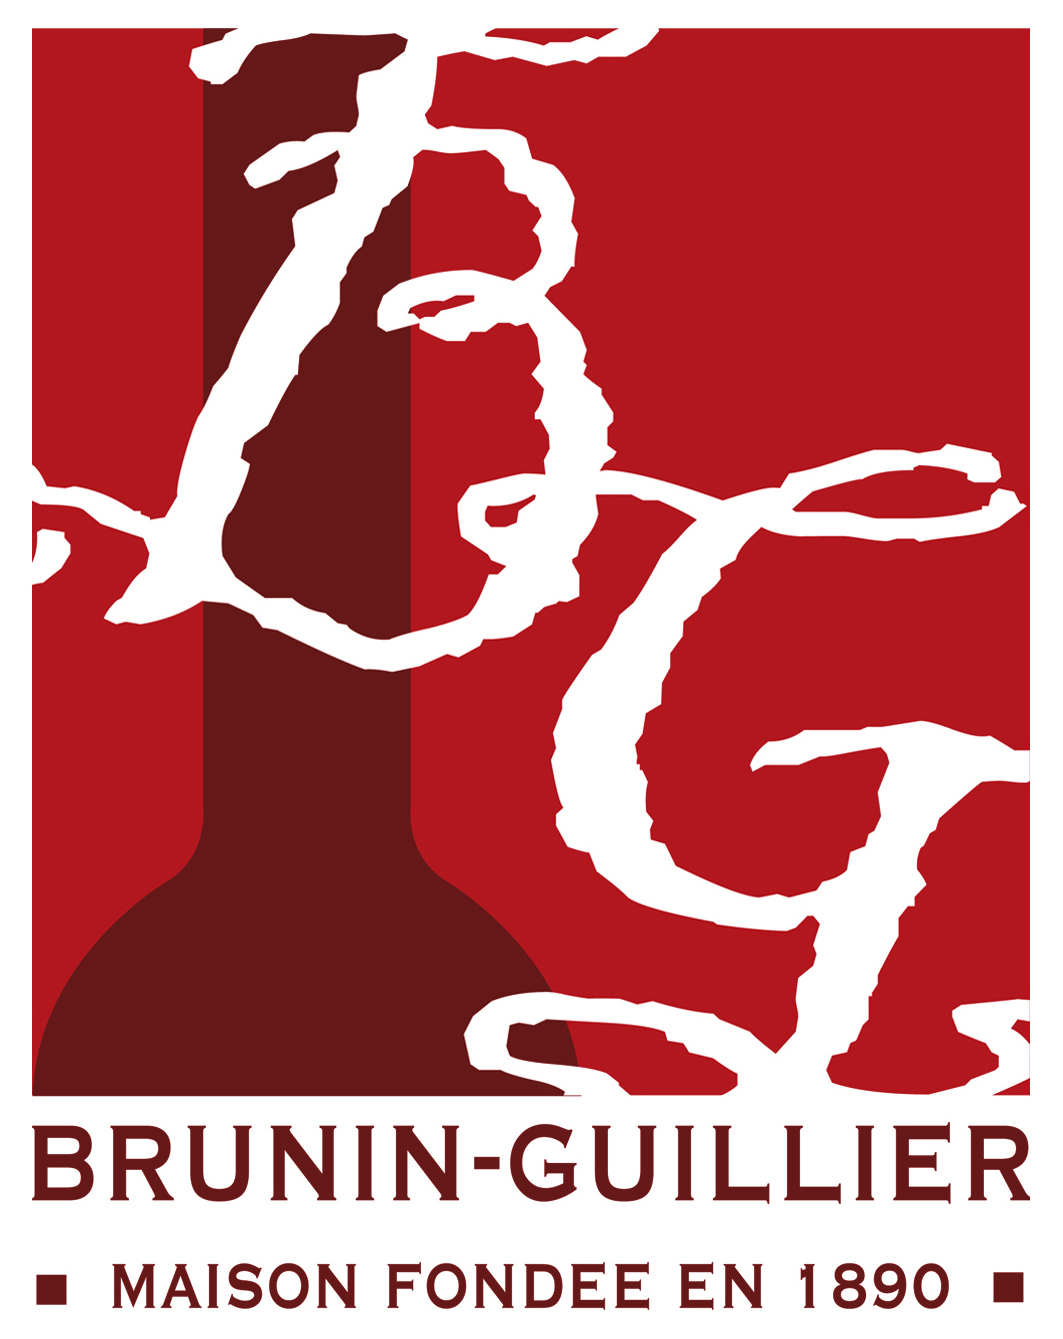 Achat de vins, bières et spiritueux en ligne en Belgique et en France